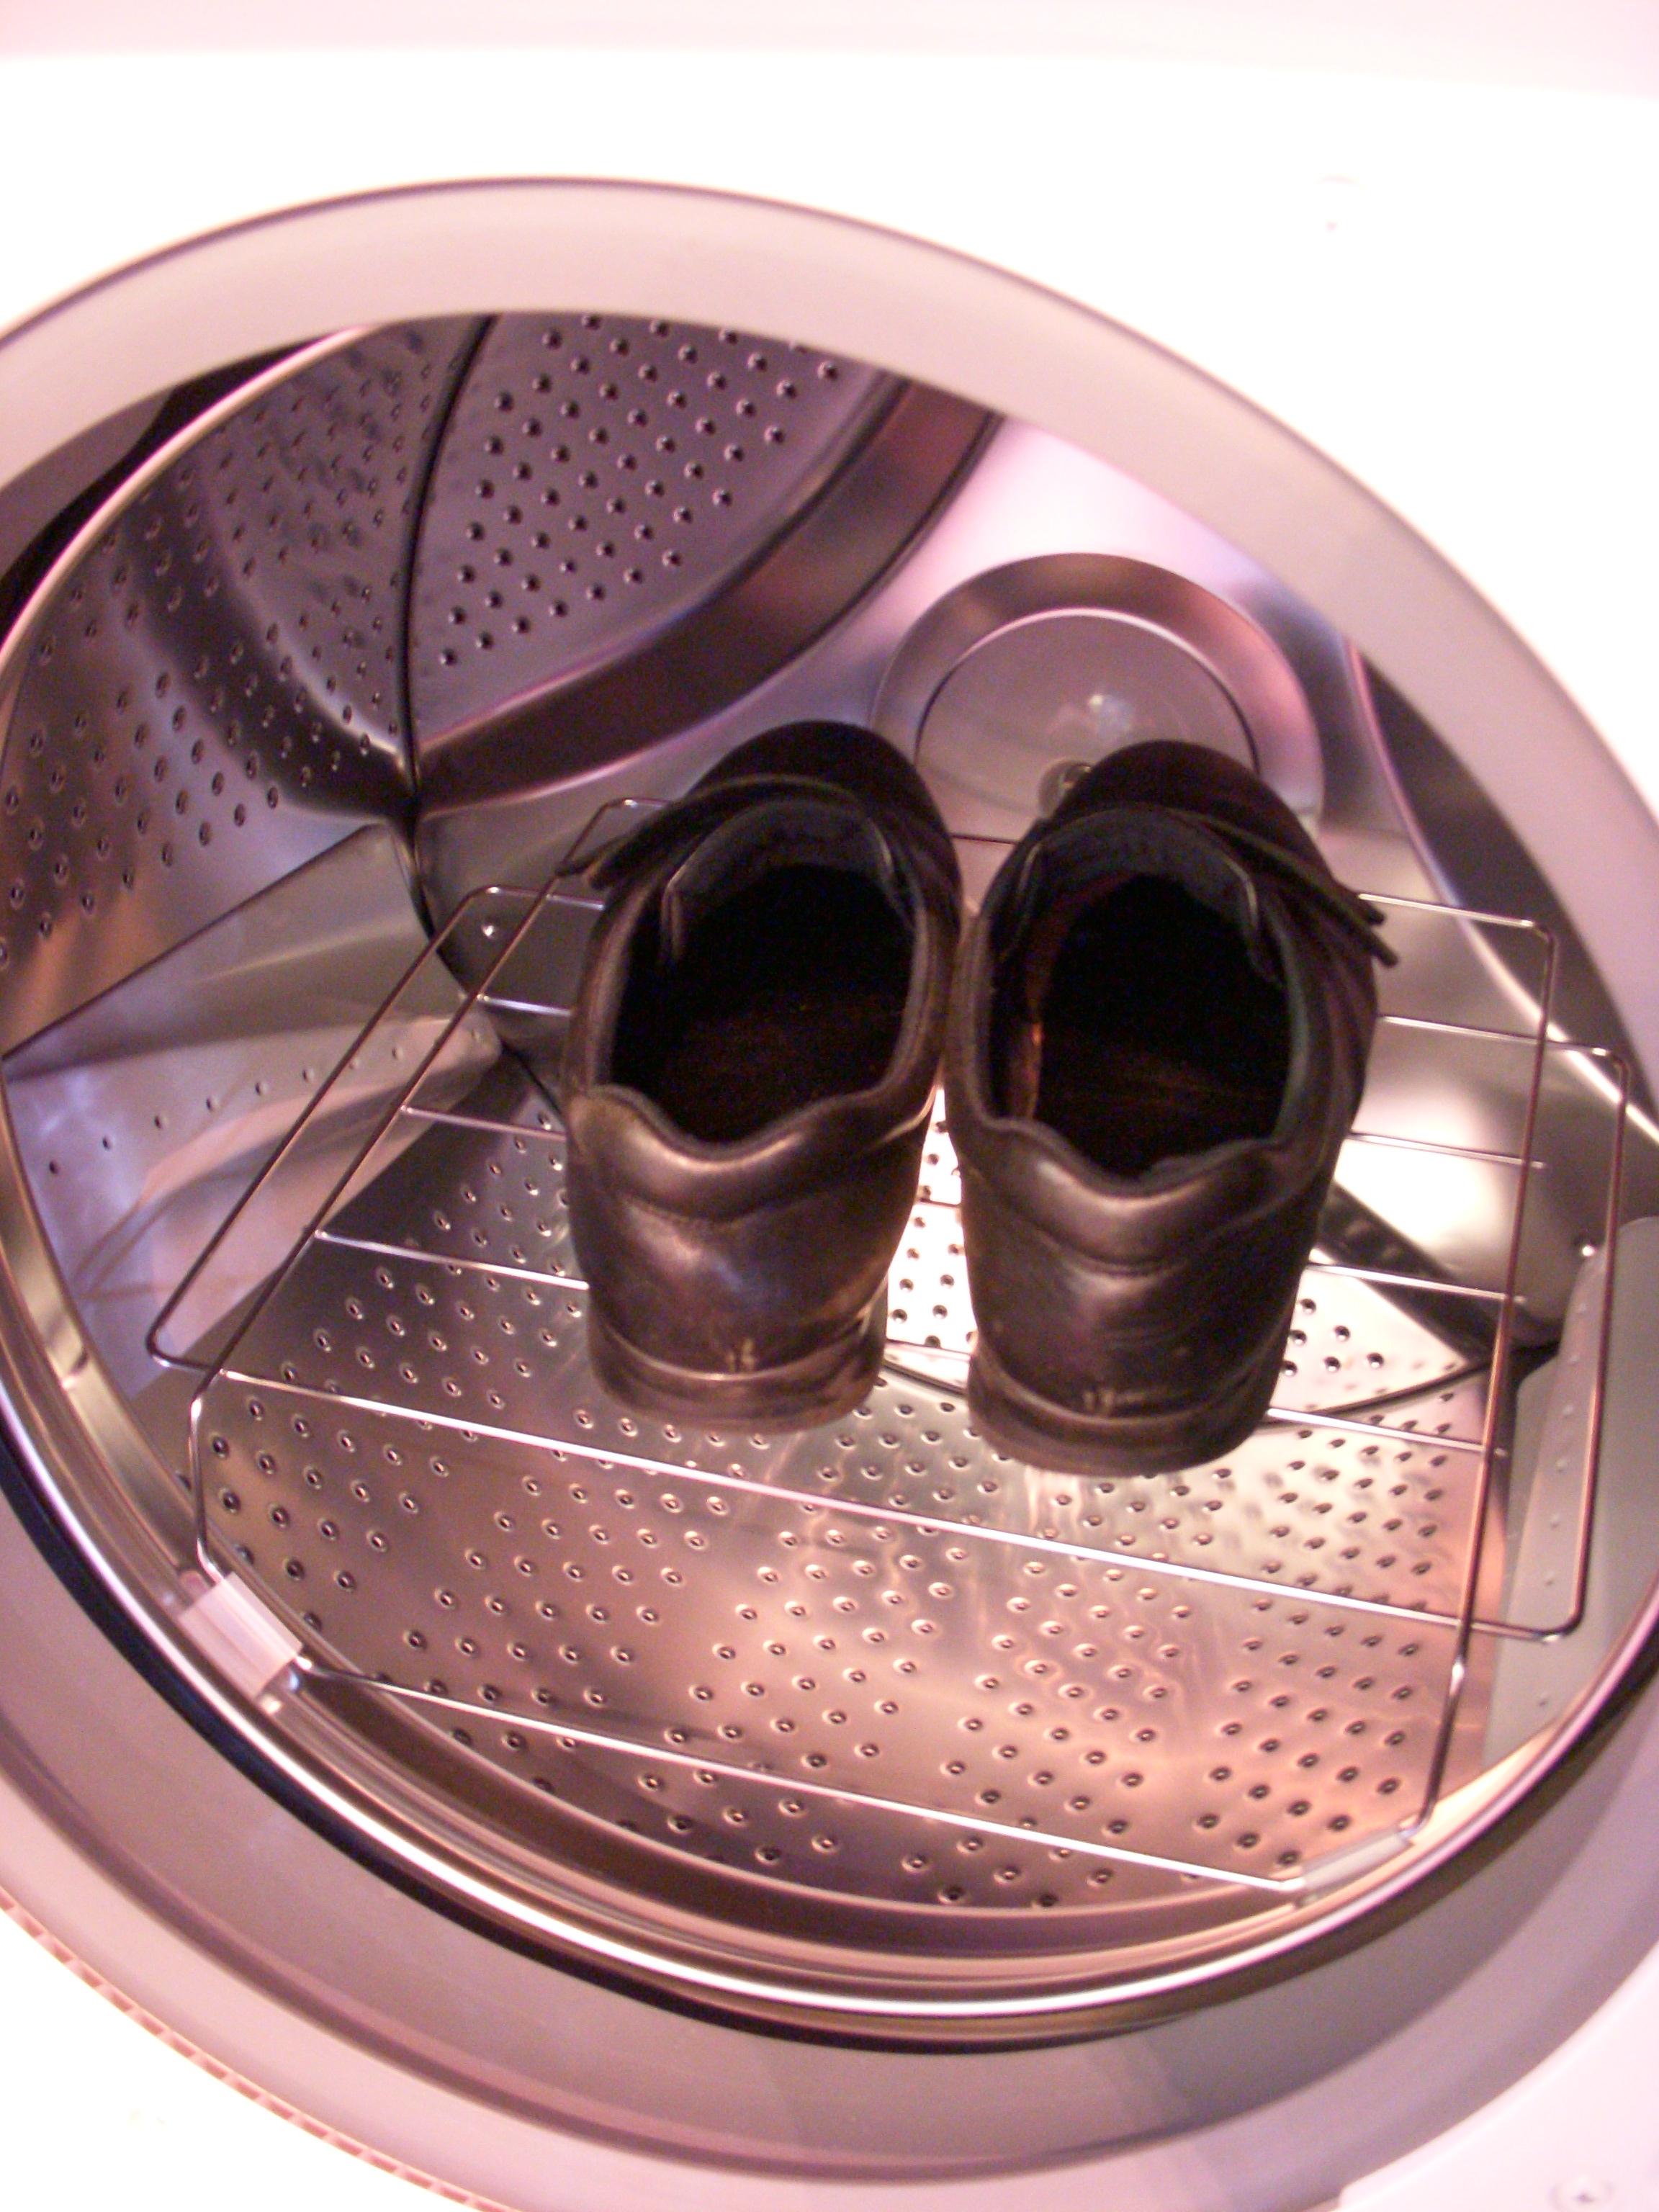 ドラム式洗濯乾燥機「AQUA」 体験イベントに行ってきました♪